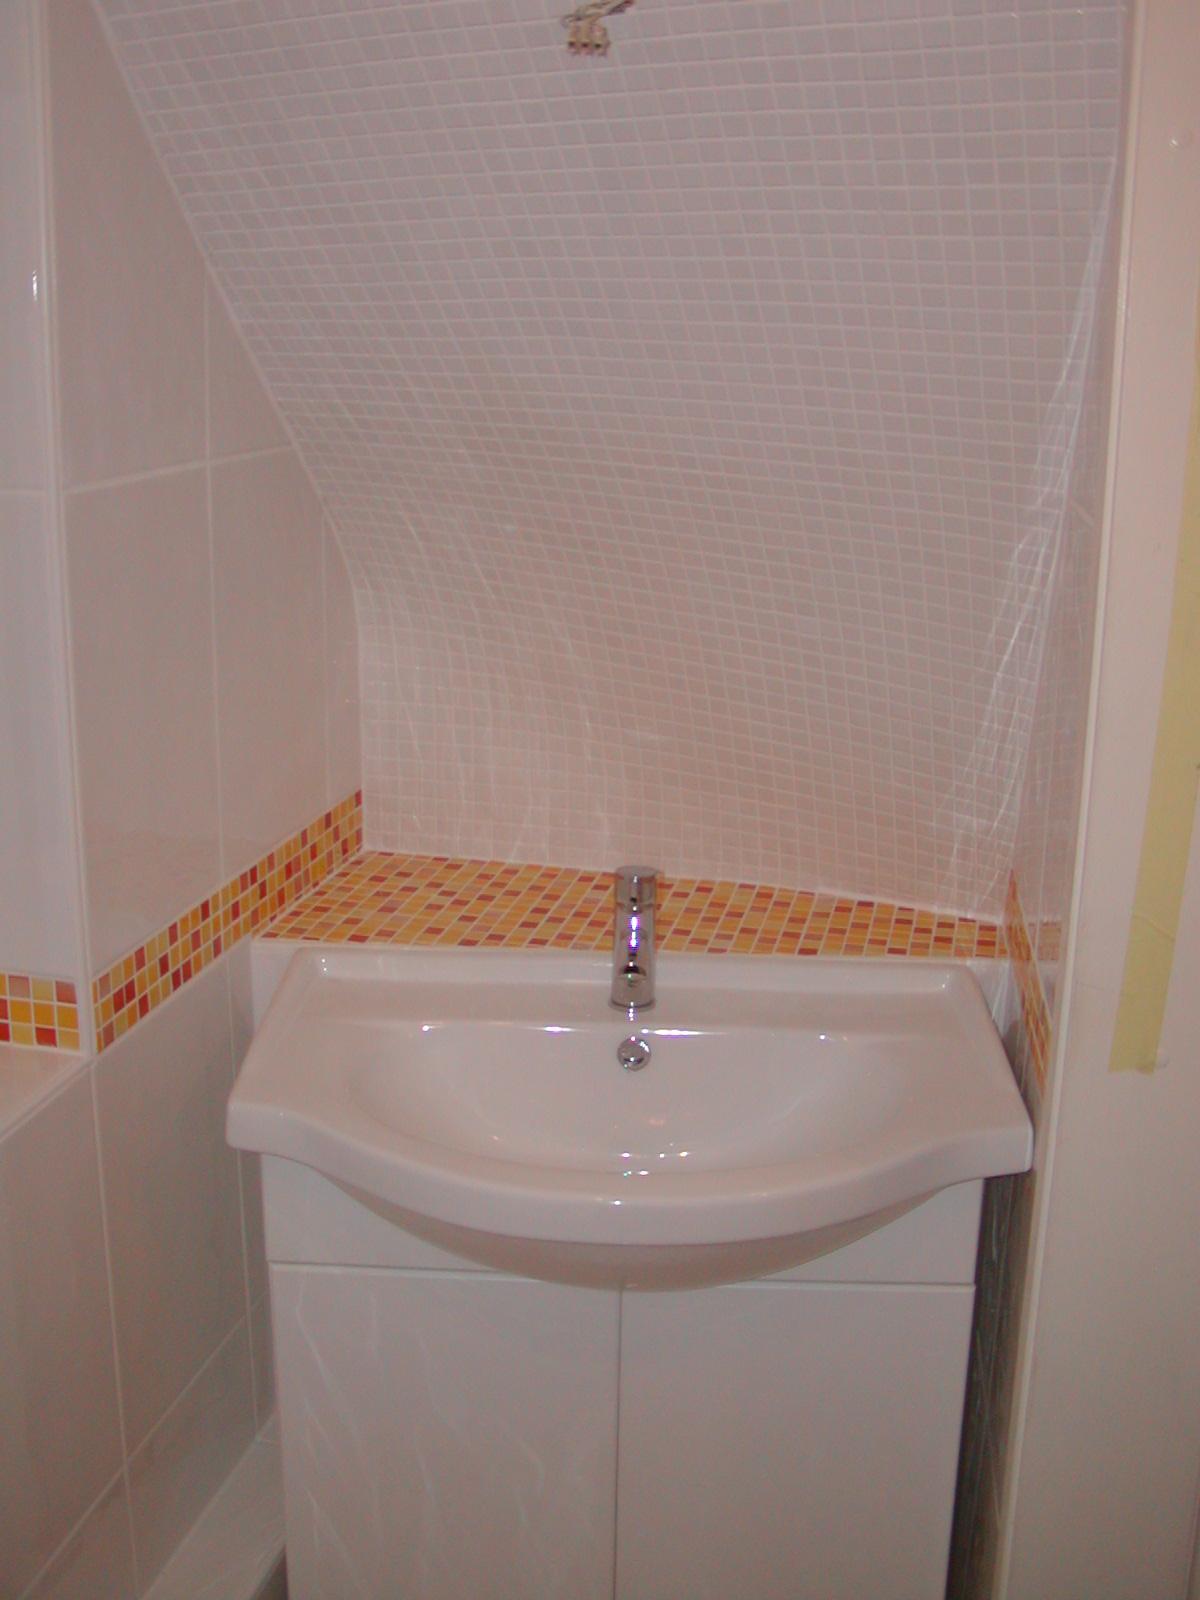 Bordüre Badezimmer  bordüre badezimmer, bordüre badezimmer ...